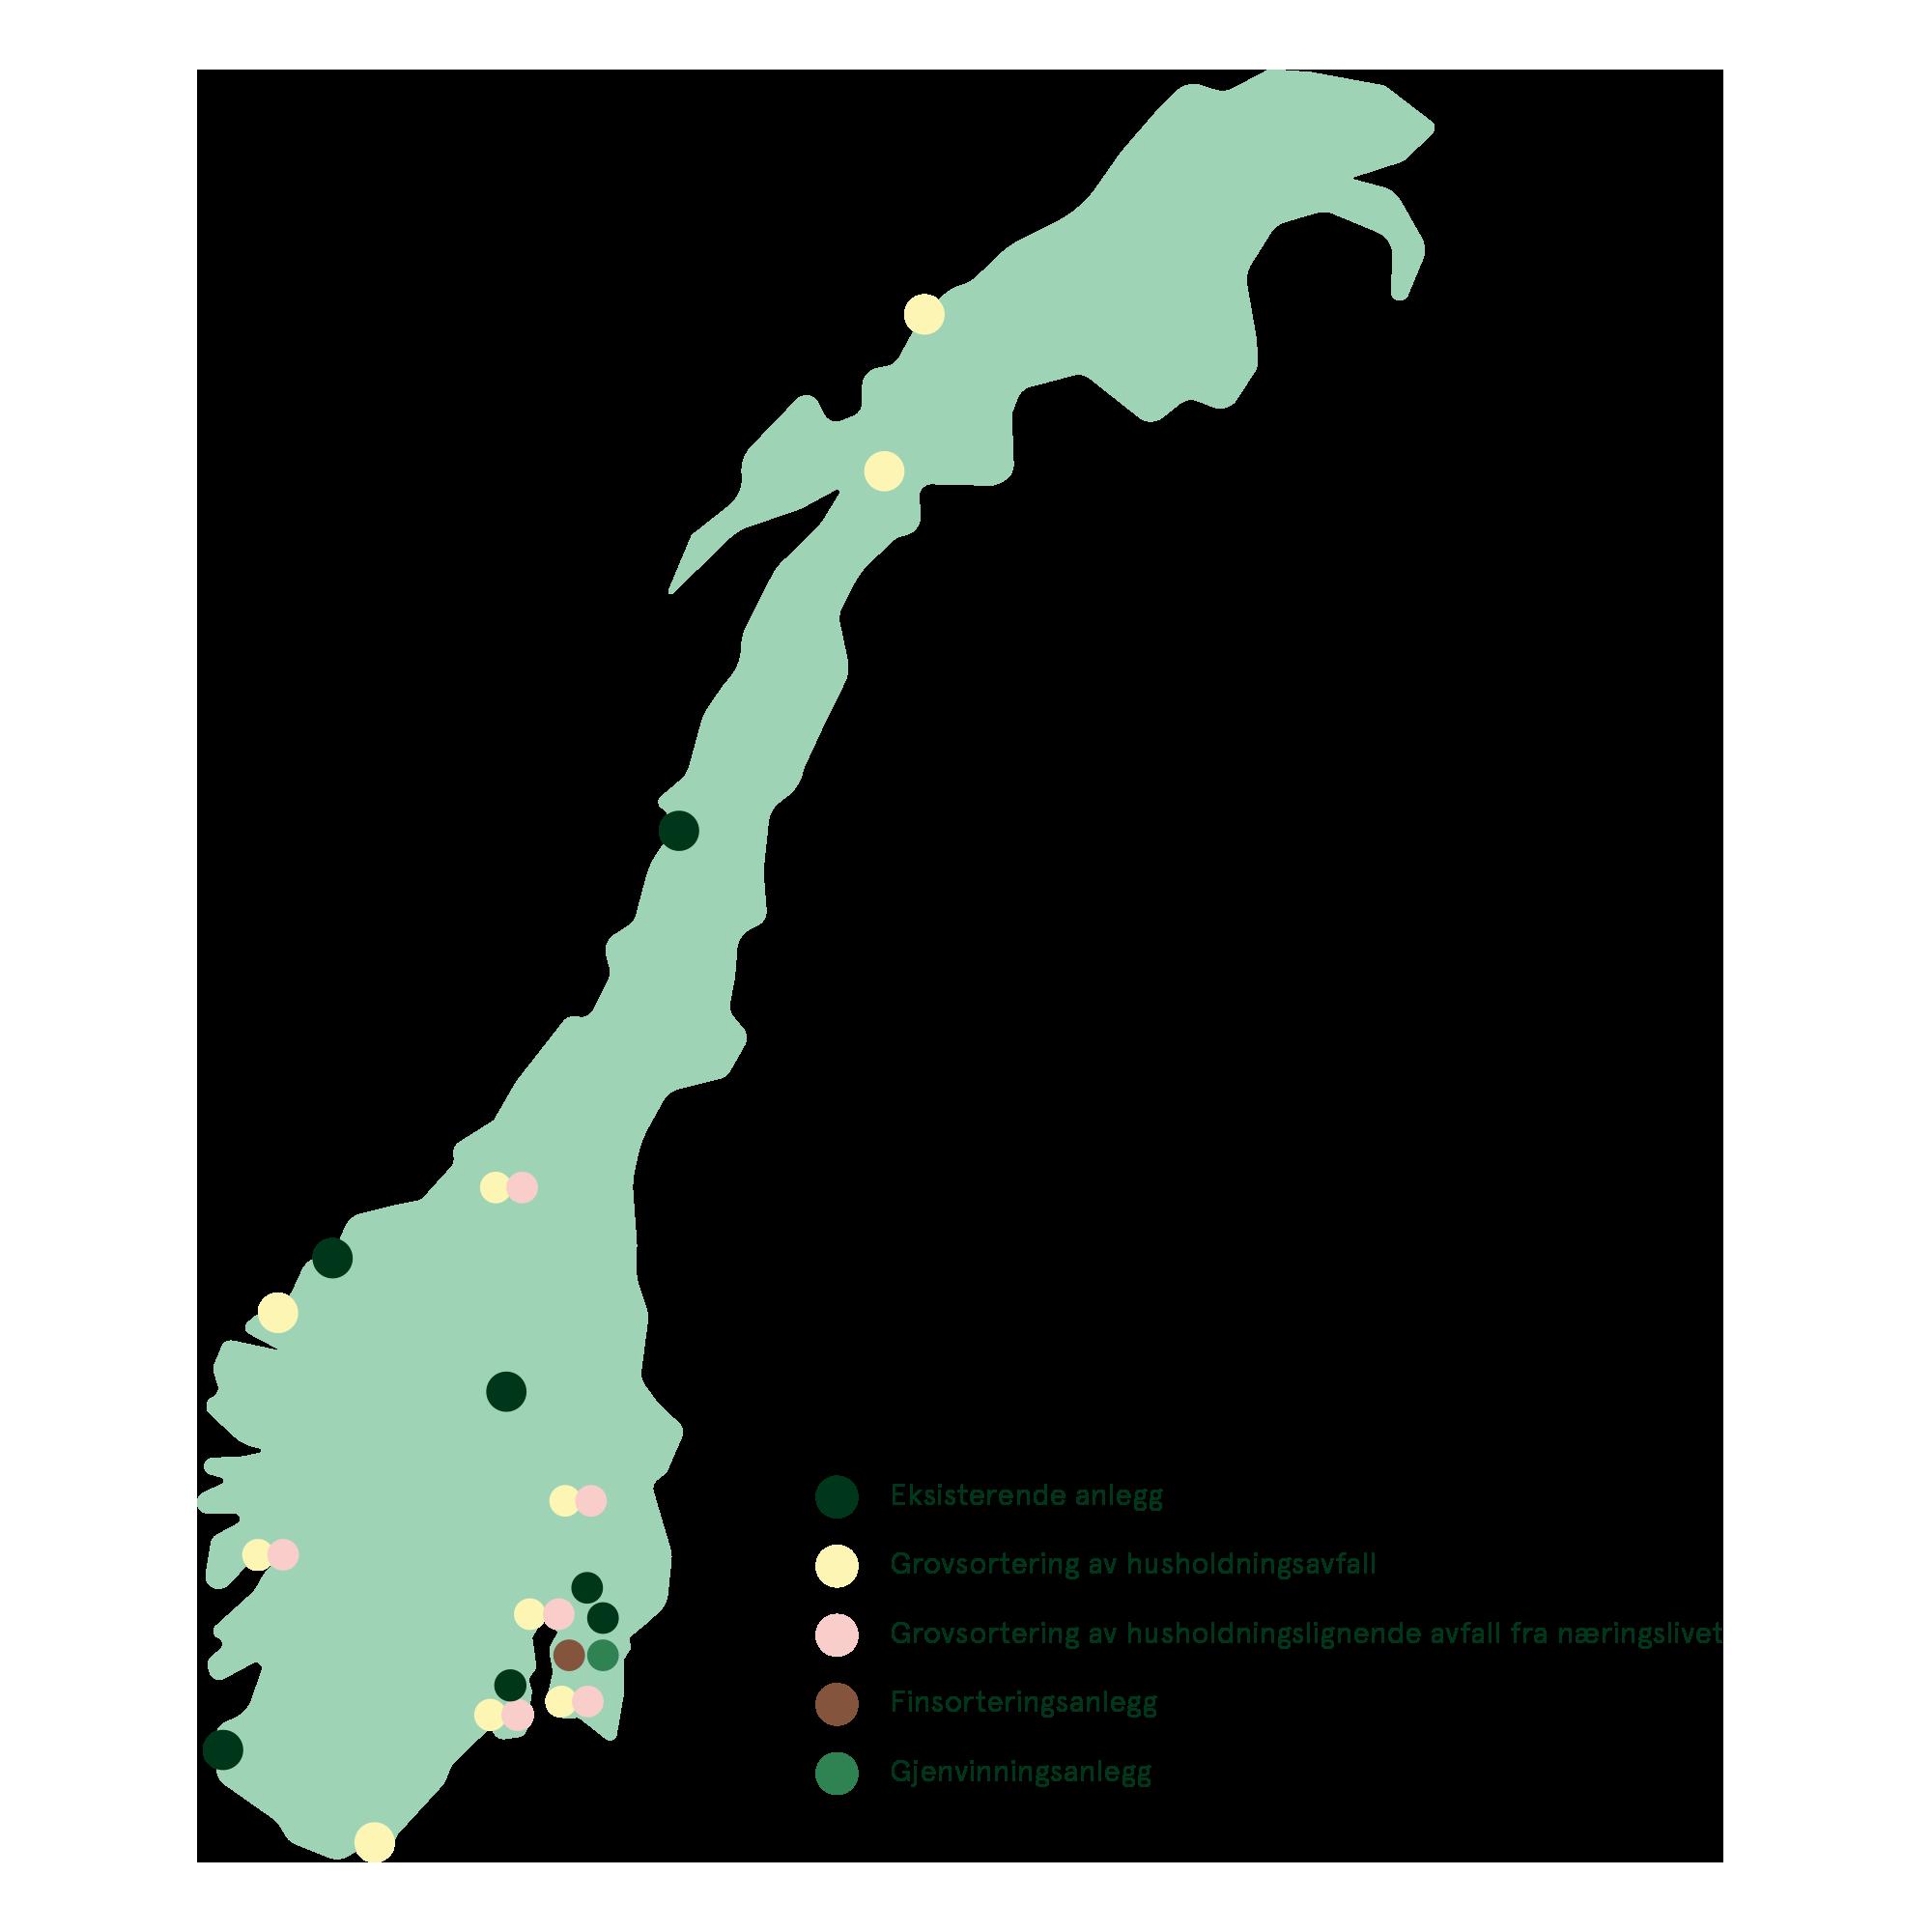 Kart sorteringsanlegg2